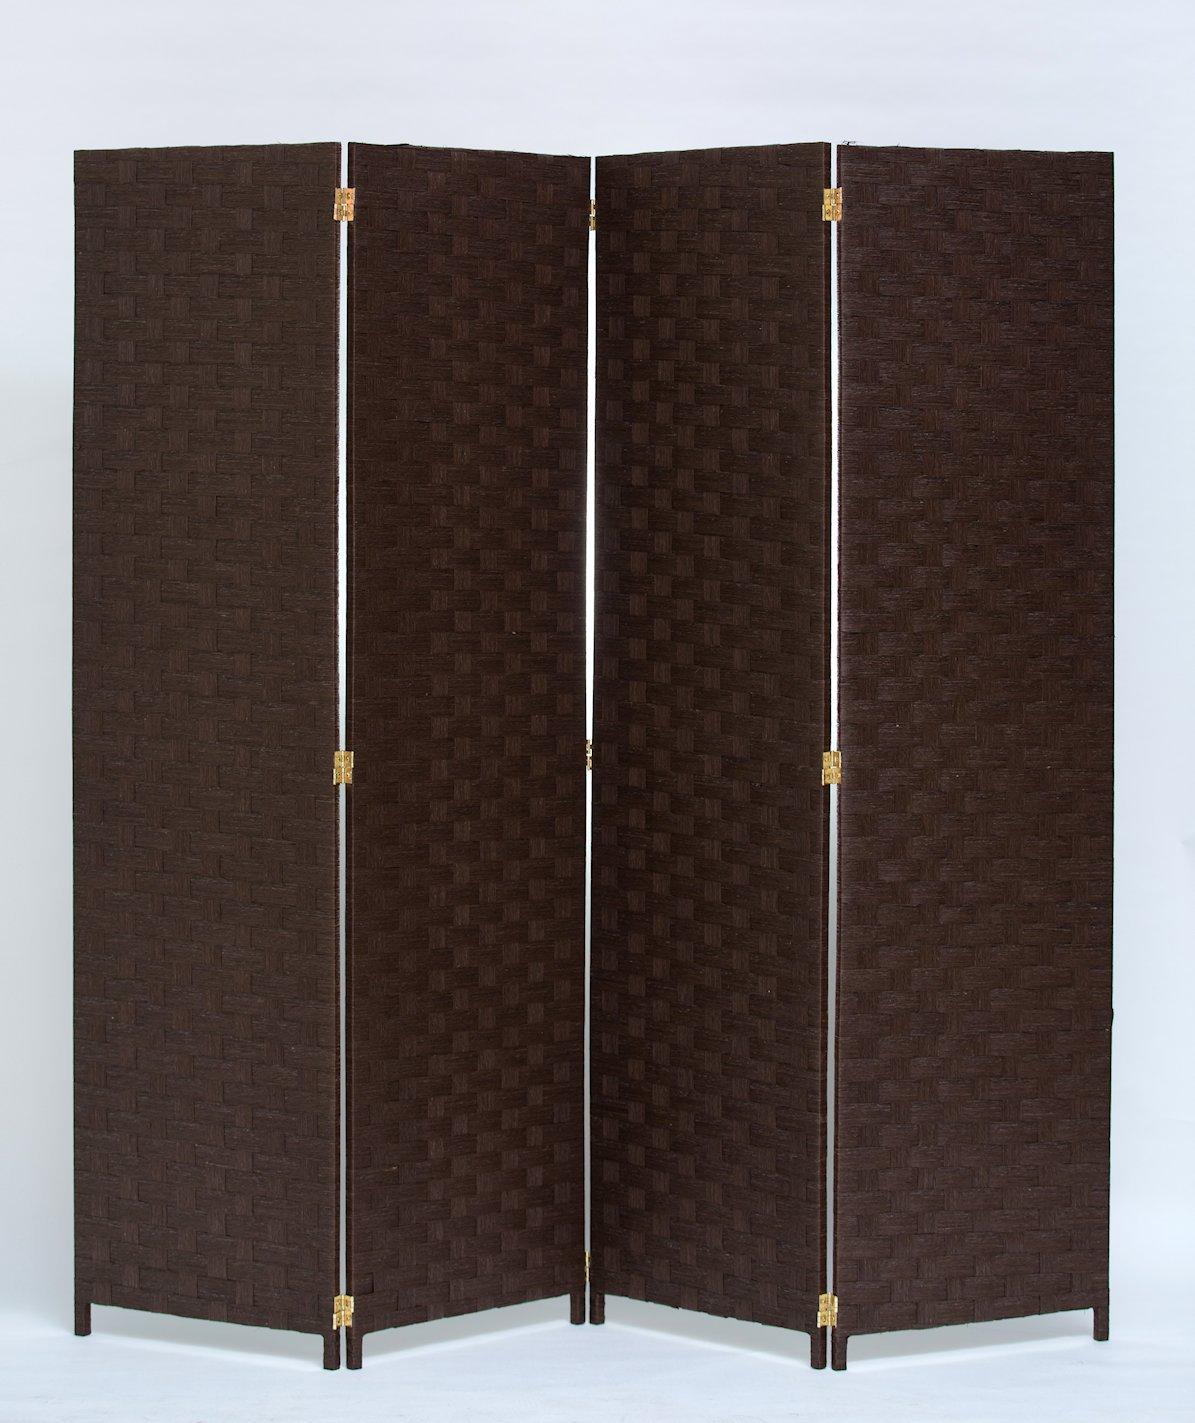 374855b99389 ... Legacy Decor Room Divider 3 Panel Weave Design Fiber Beige Color ...